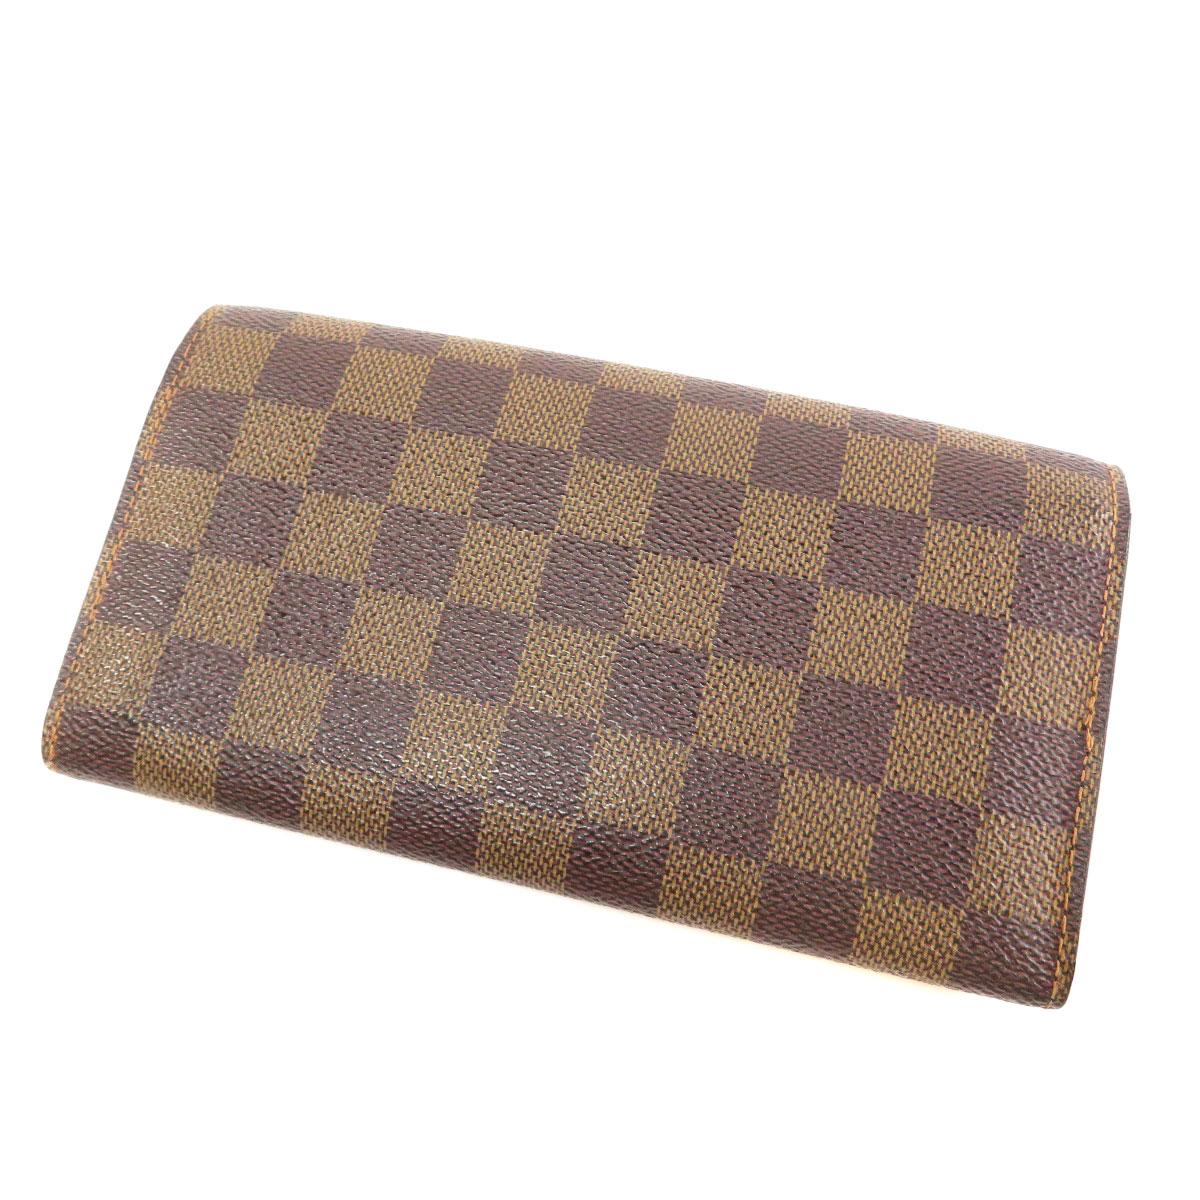 037031b15dfc ルイヴィトン N61724 旧 長財布(小銭入れあり) ダミエキャンバス ...